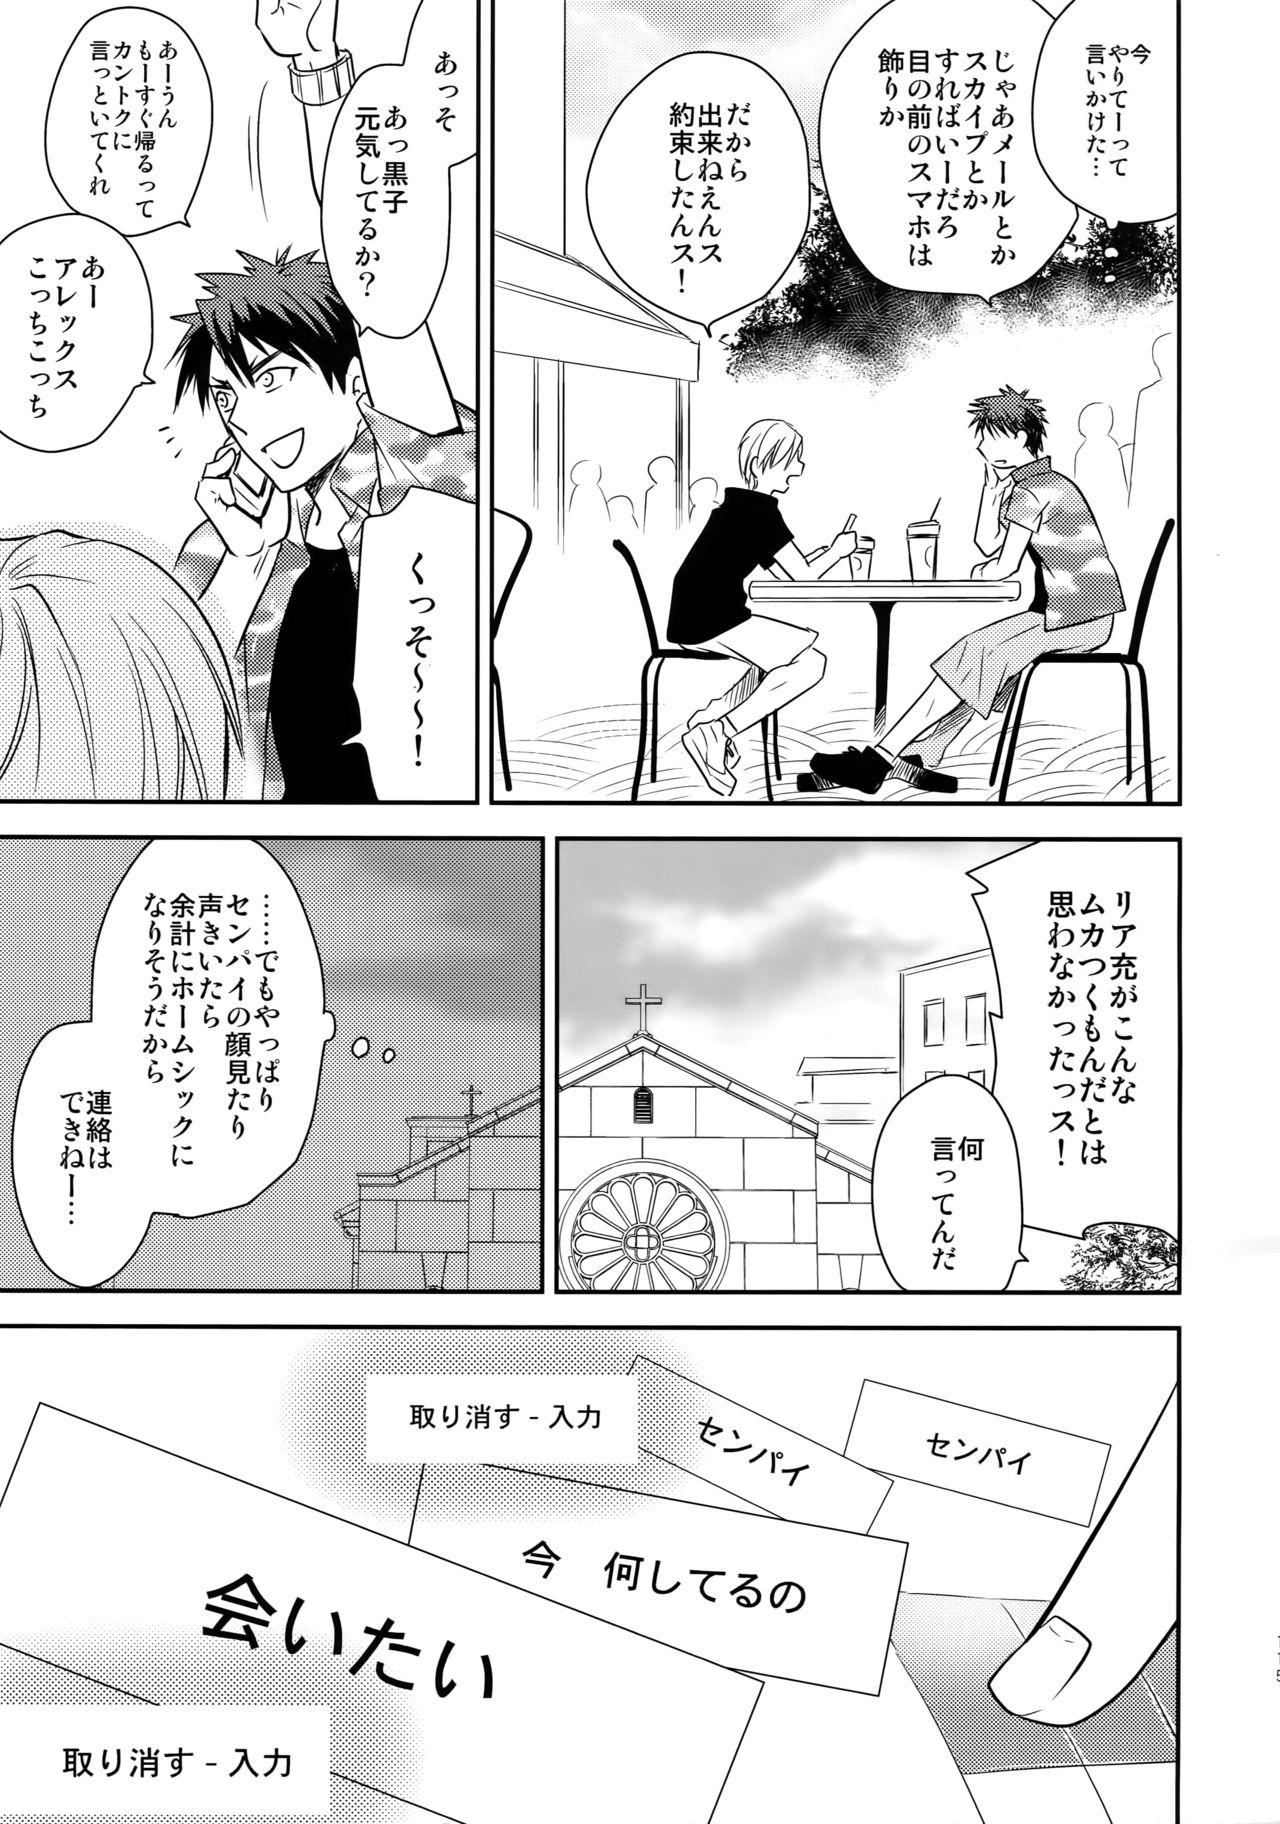 [Bakuchi Jinsei SP (Satsuki Fumi)] Kanpeki Kareshi to Zettai Ryouiki Ouji-sama - Another Version - (Kuroko no Basket) 113